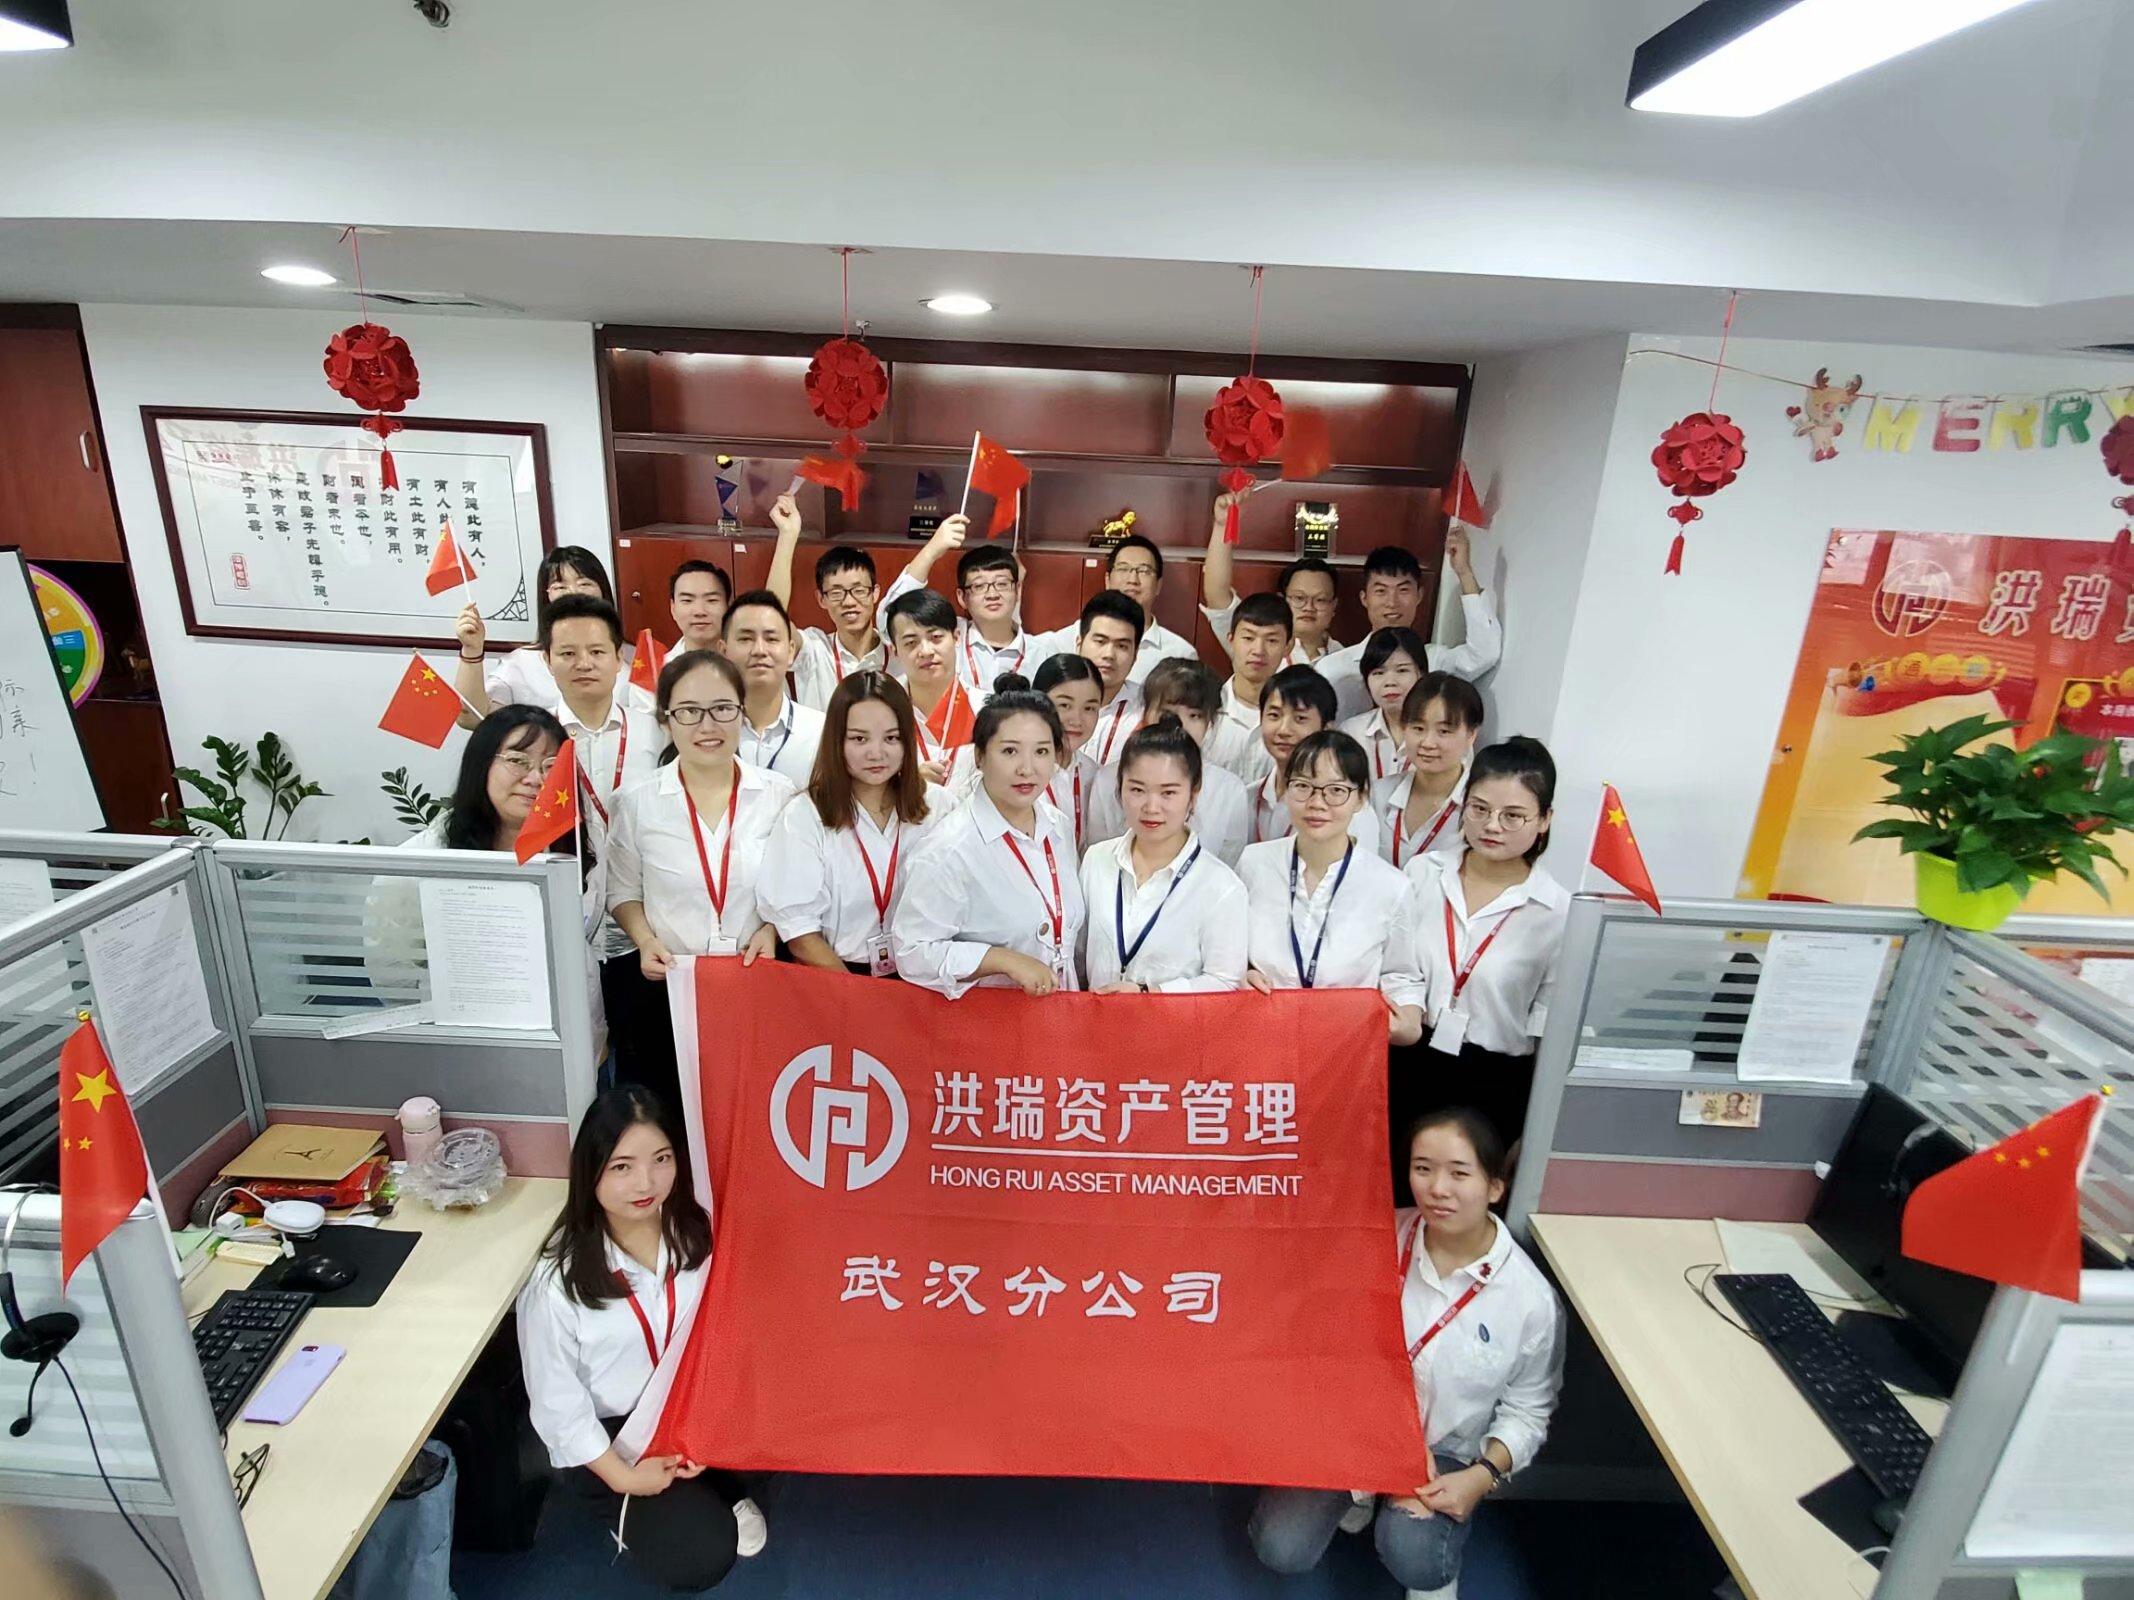 武漢分公司第二職場